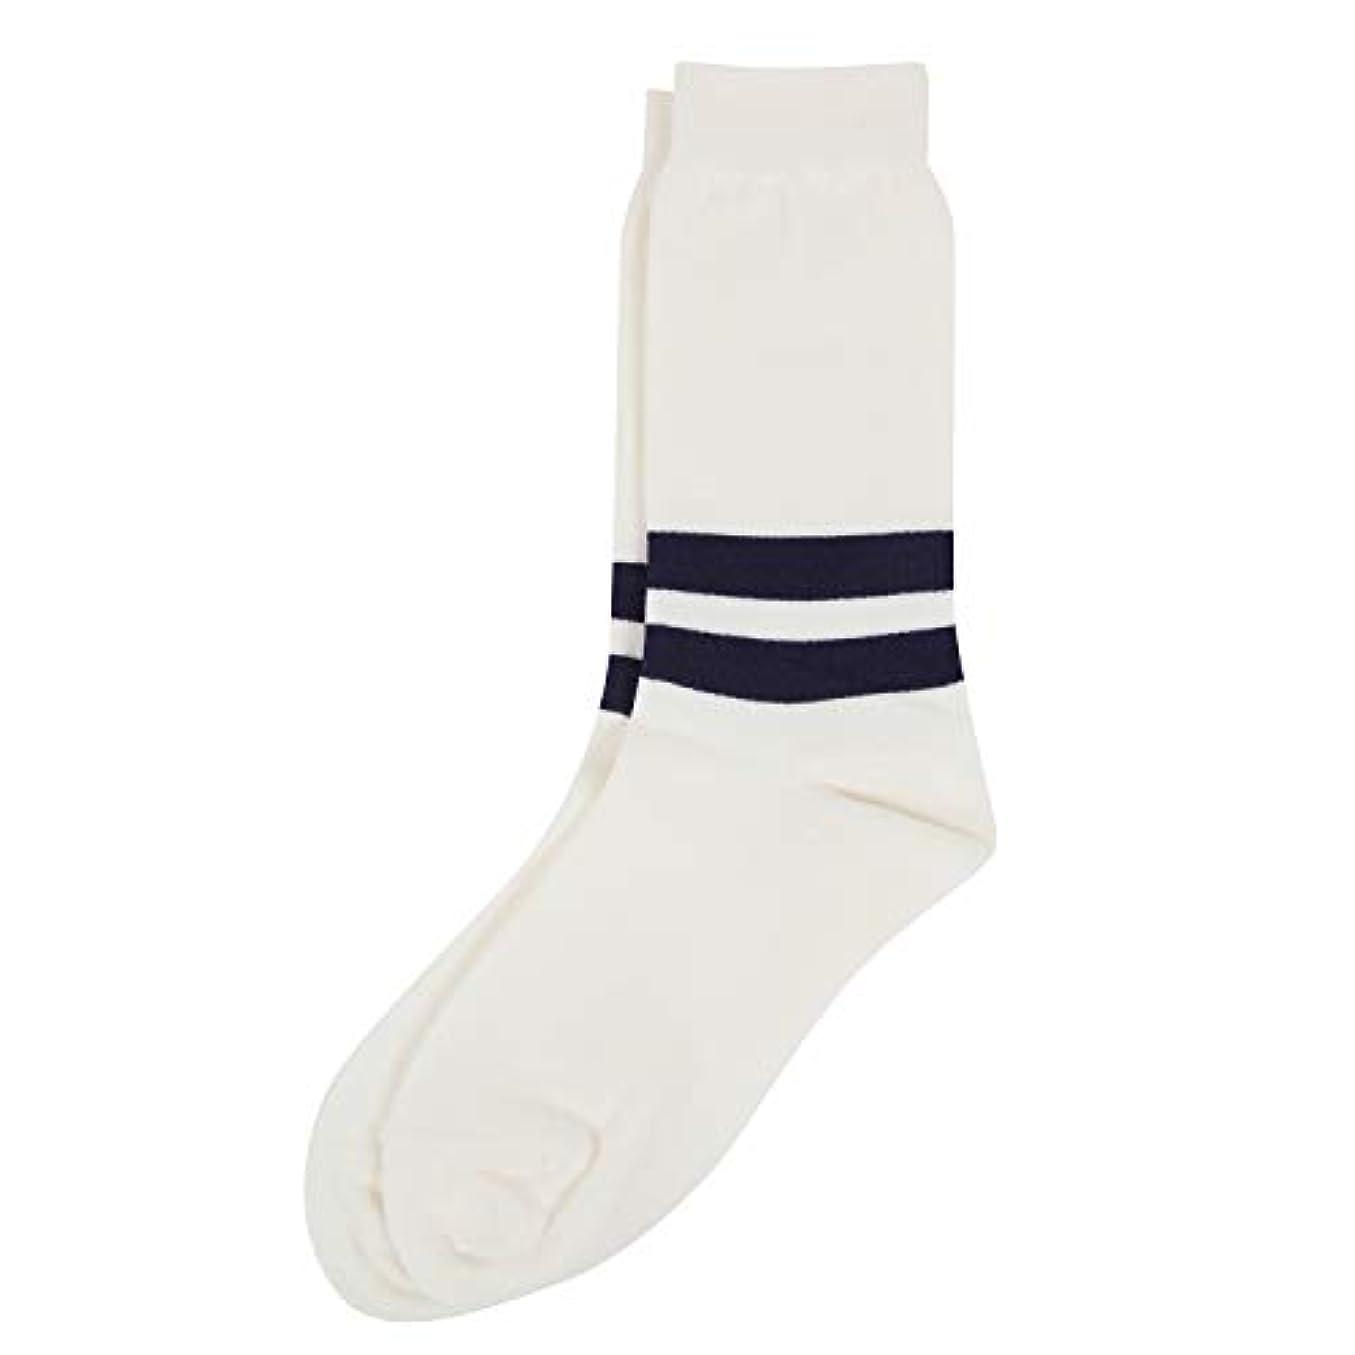 Deol(デオル) ラインソックス 男性用 メンズ [足のニオイ対策] 長期間持続 日本製 無地 靴下 白 25cm-27cm